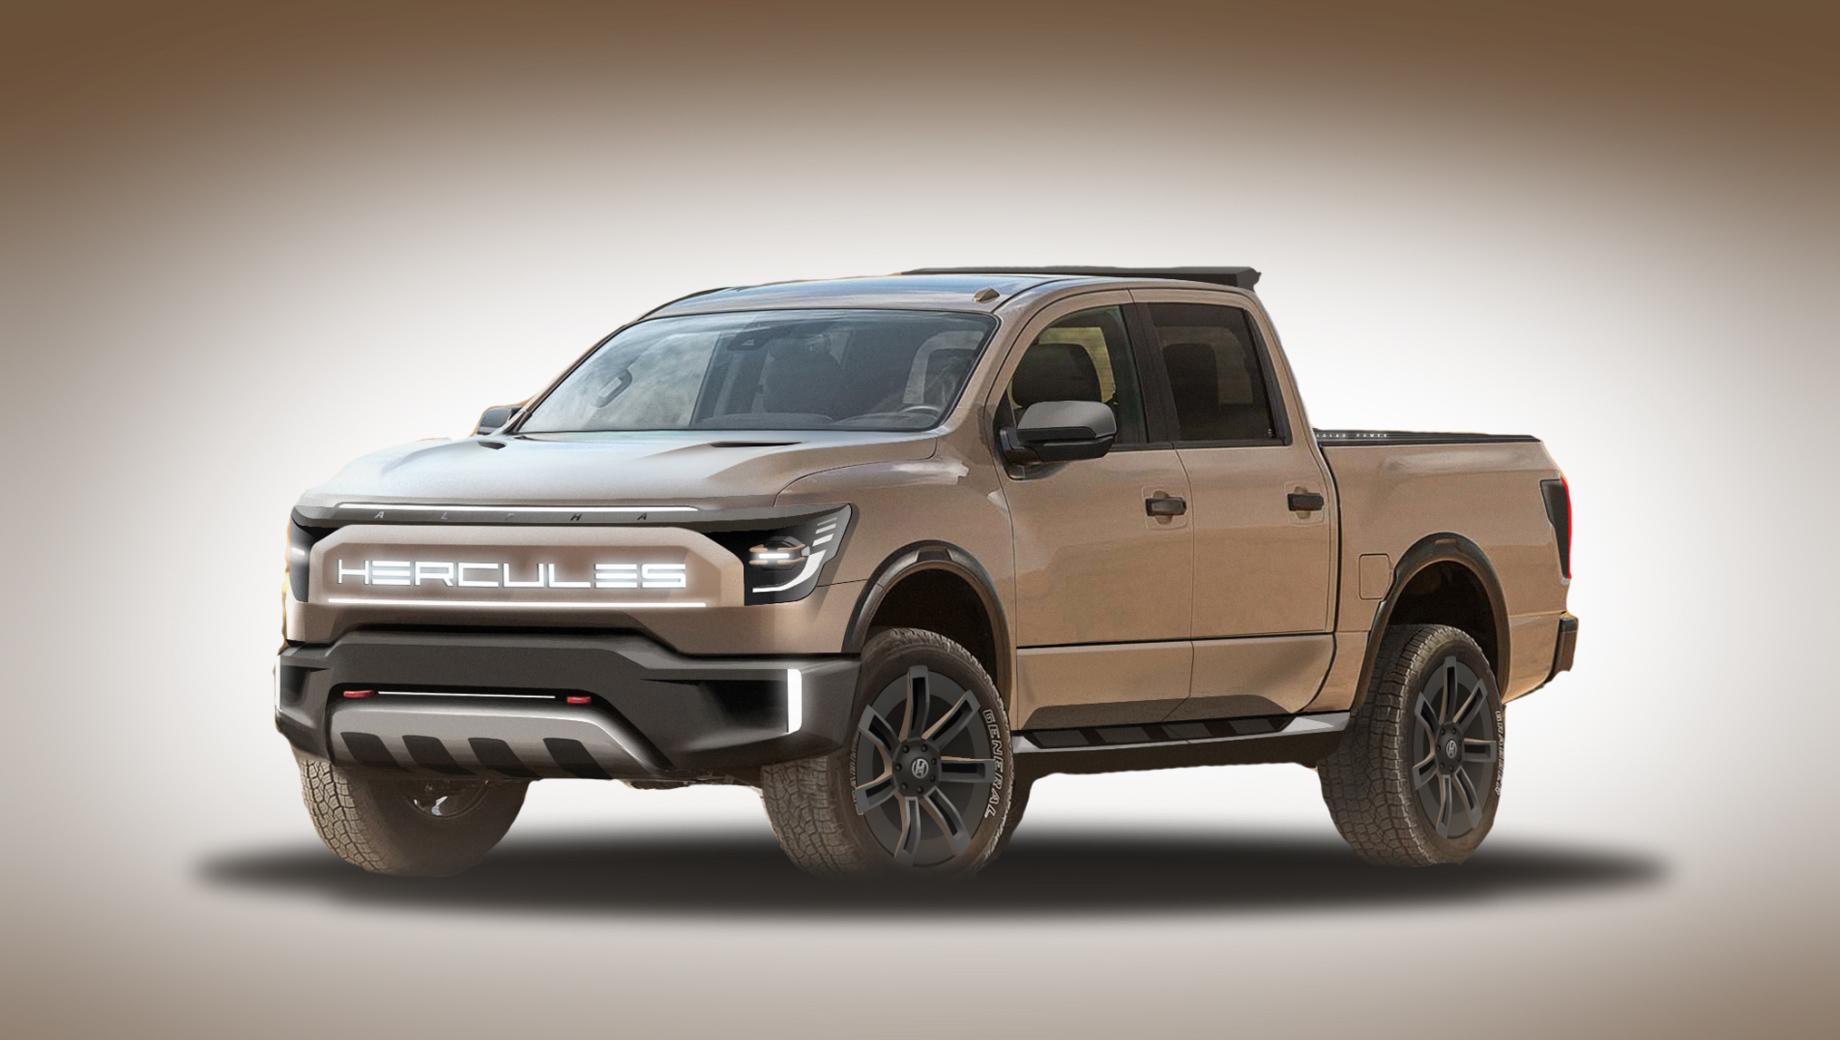 Nissan titan. Само слово Hercules в автоиндустрии уже встречалось, так фирма Rezvani недавно назвала свой трёхосный пикап, а компания Leap — силовую установку.